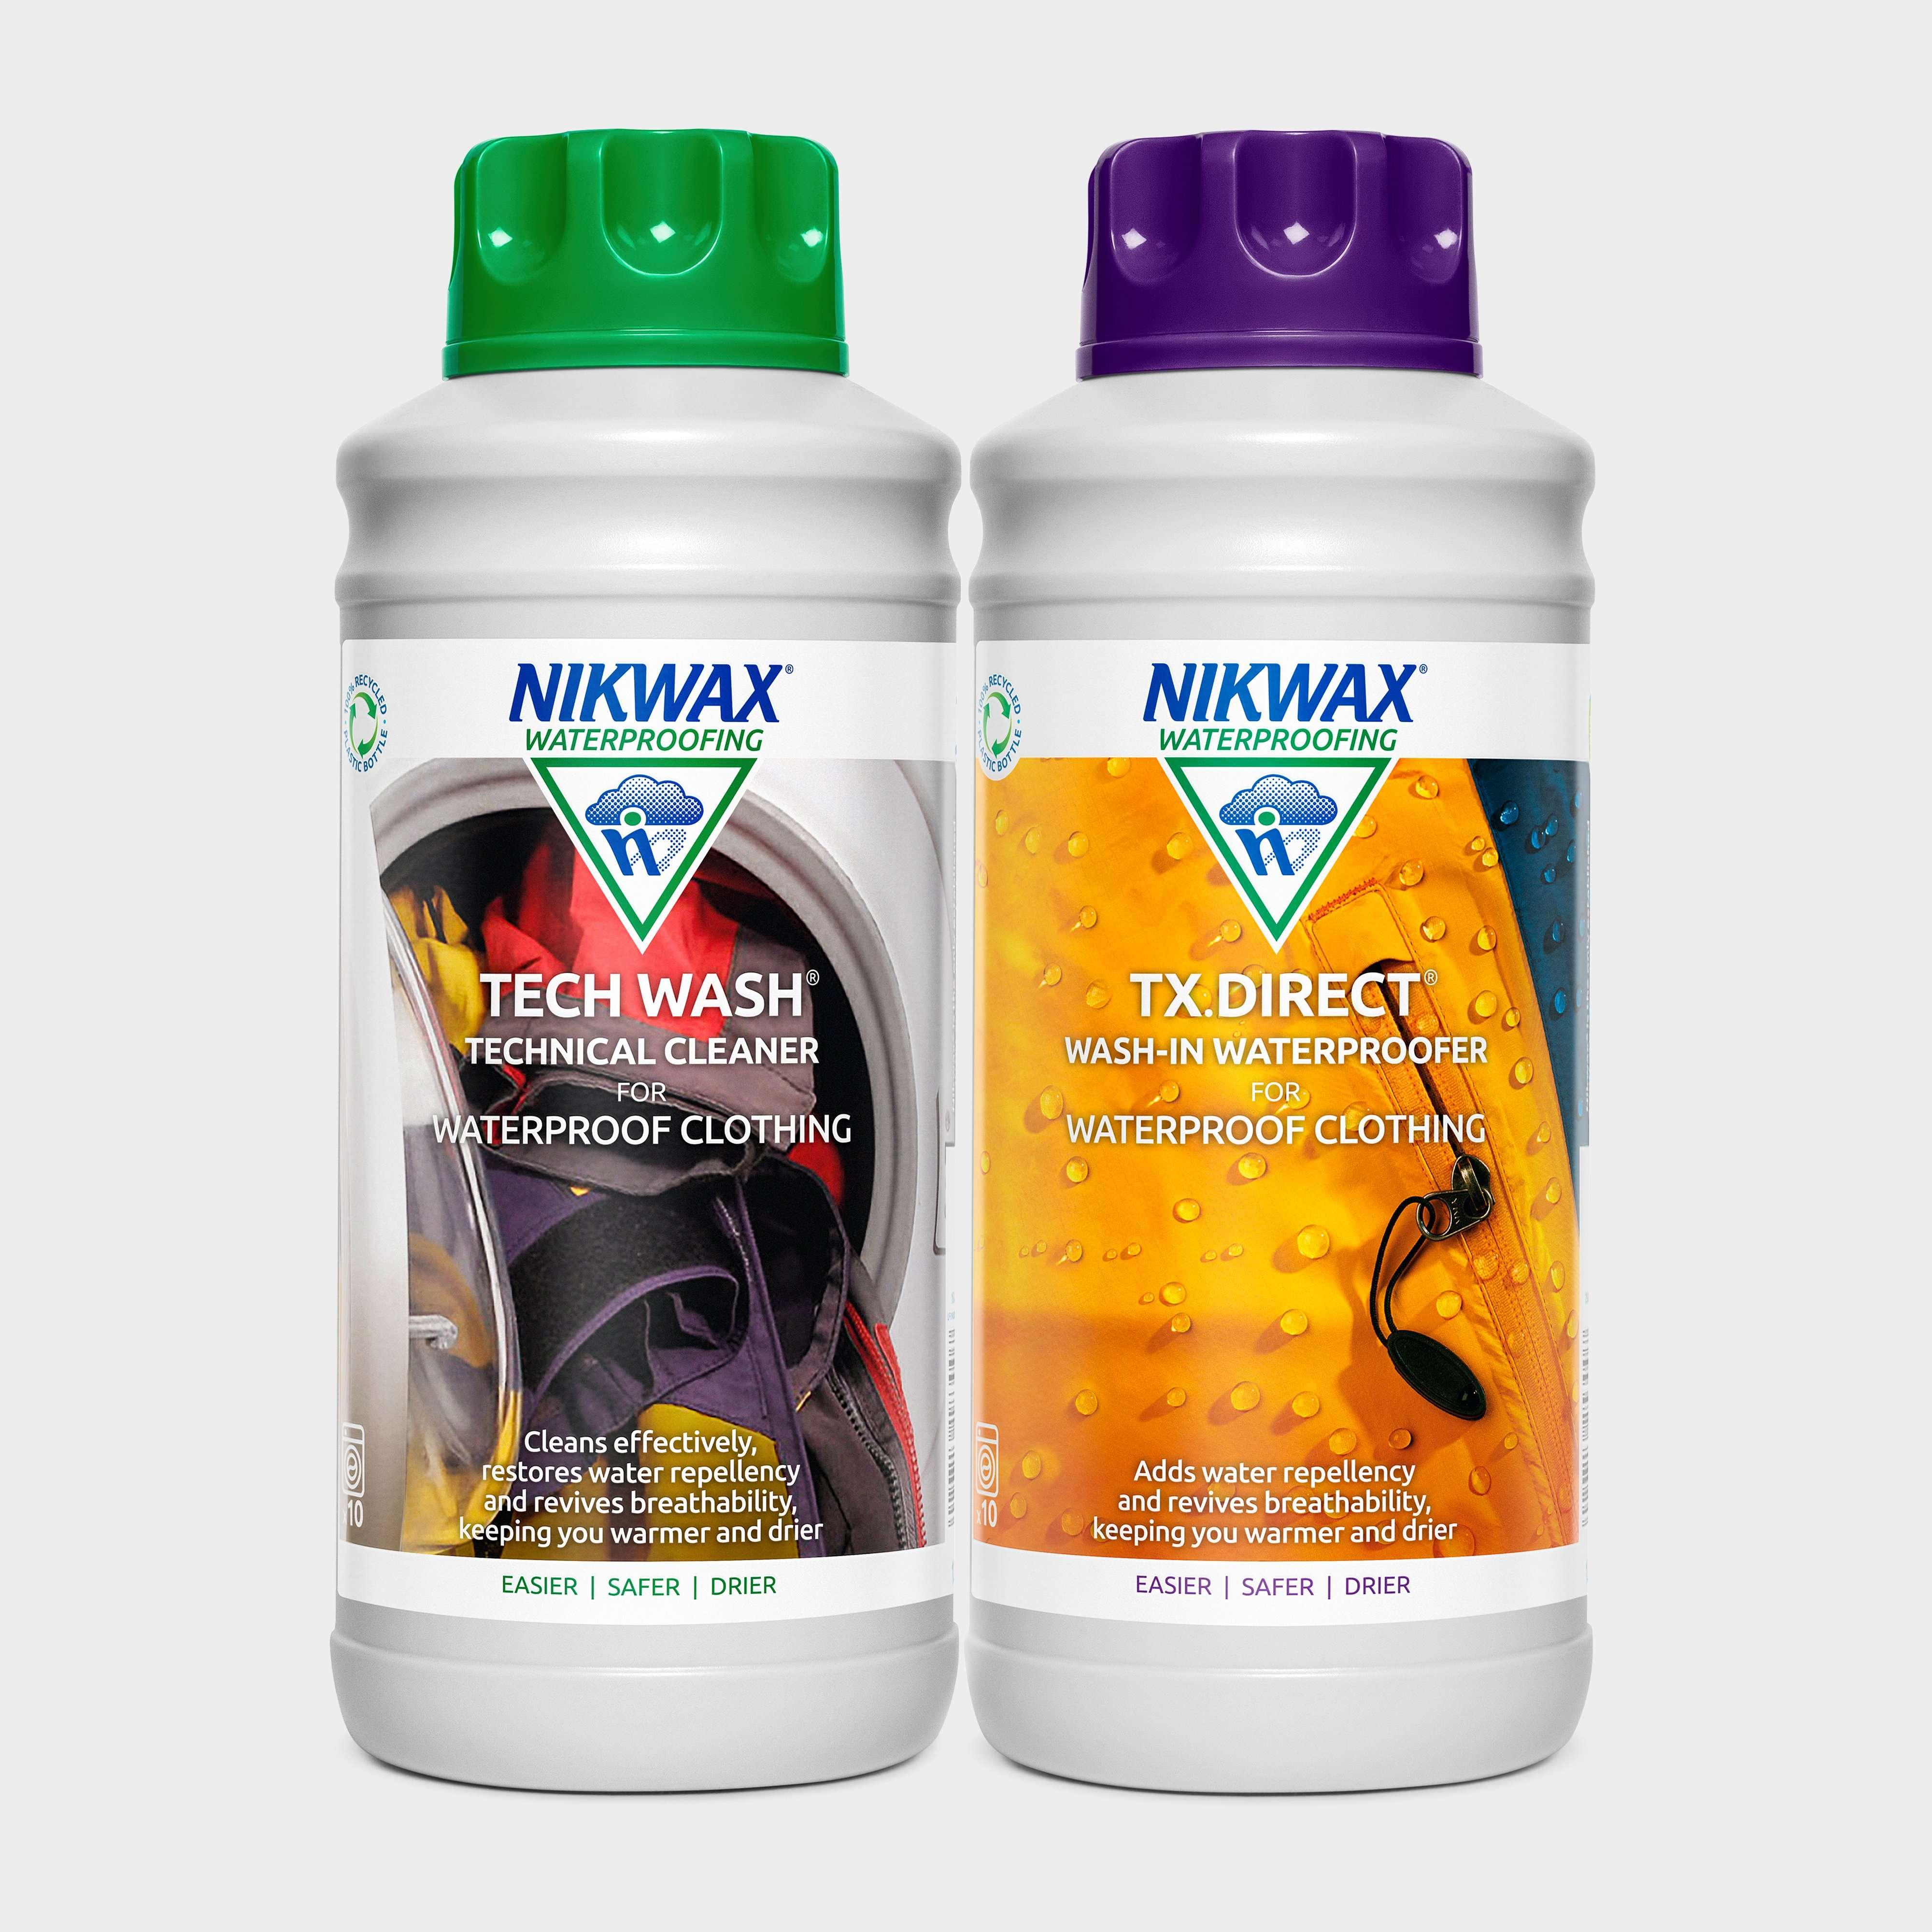 NIKWAX Tech Wash and TX.Direct Duo Pack